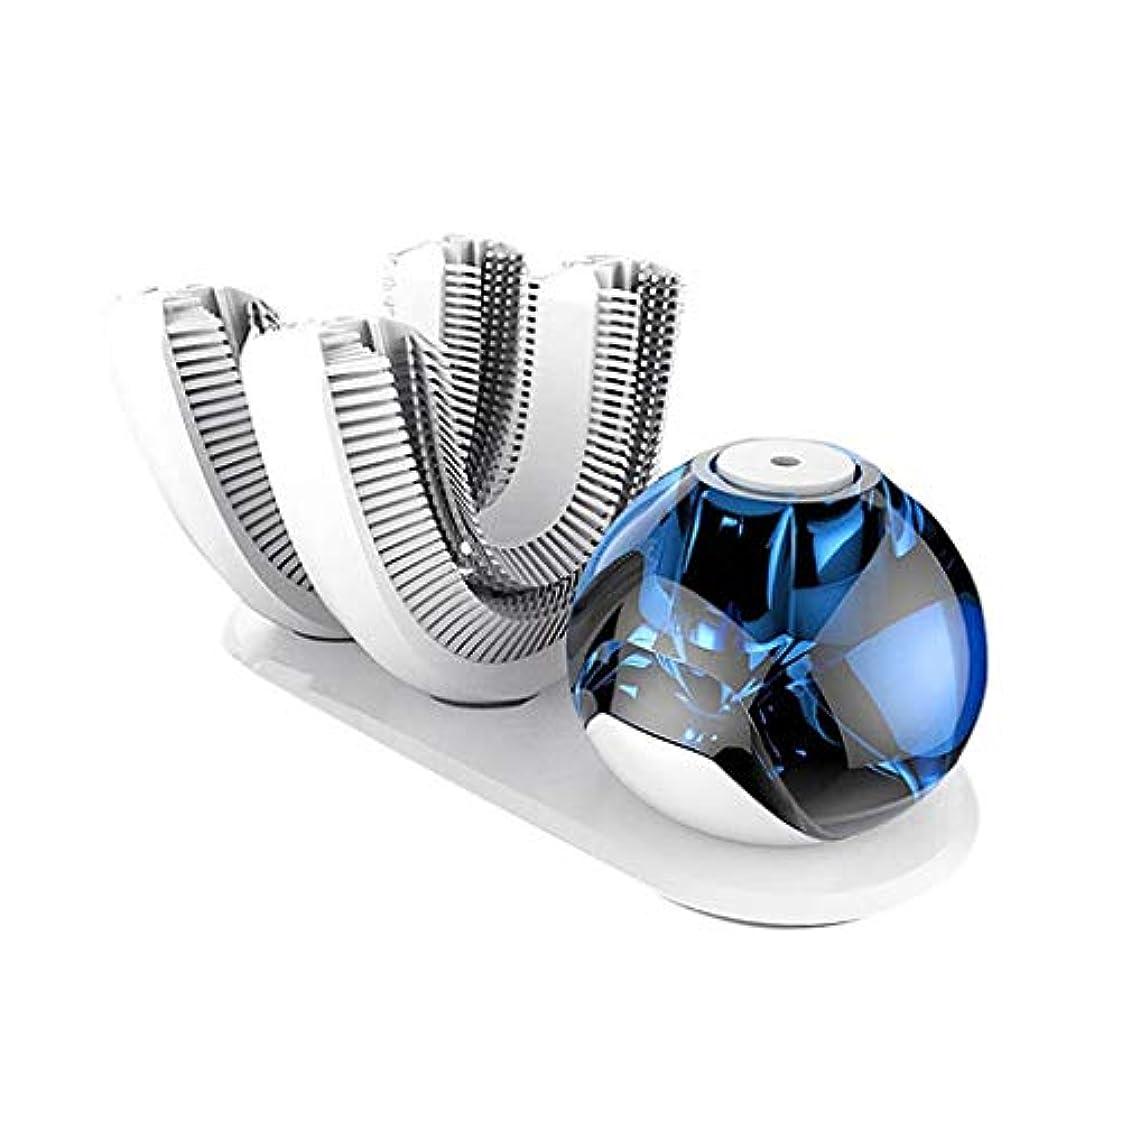 聴覚ラフト傷つきやすい全自動電気サブブラシ、U型LED歯のホワイトニングアクセラレータ無料あなたの手の自動クリーニングタイミング歯IPX7の防水食品グレードシリコンブラシヘッド